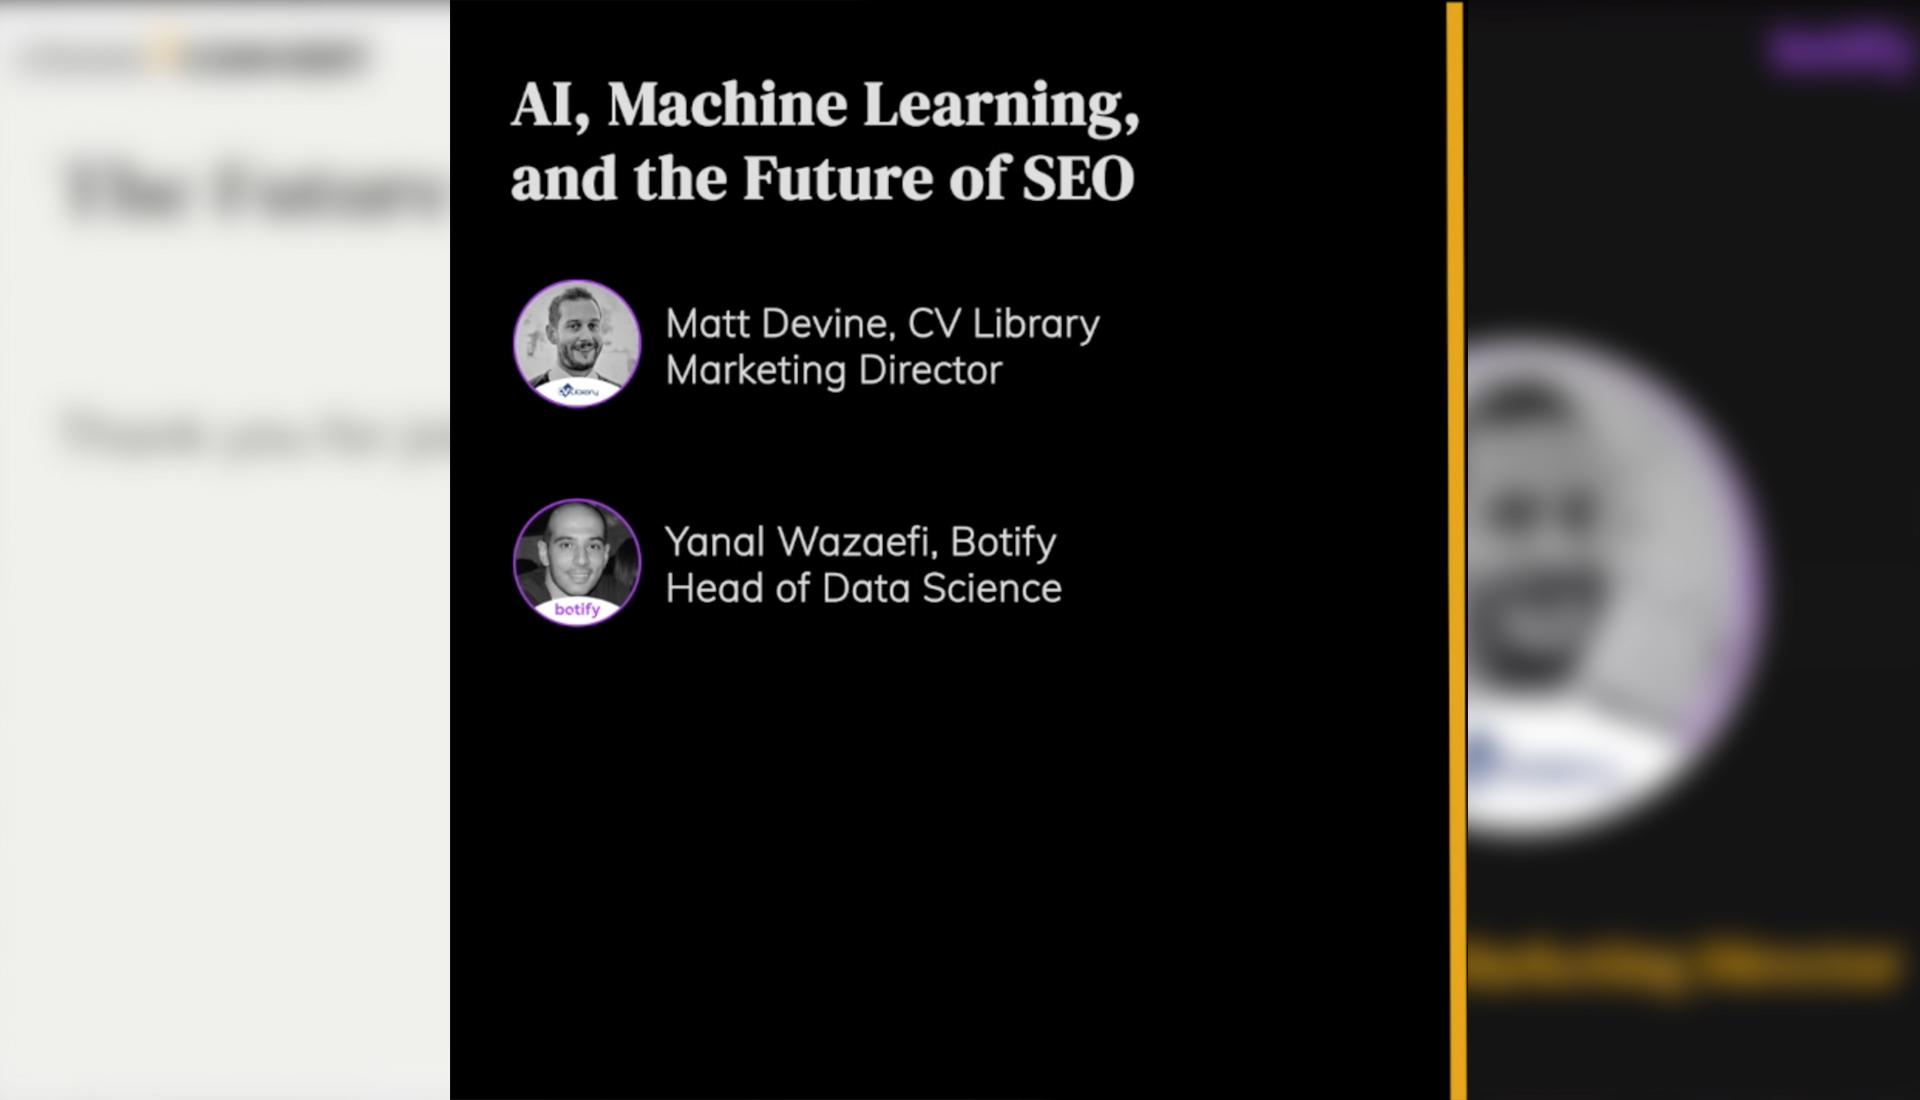 AI, Machine Learning, and the Future of SEO